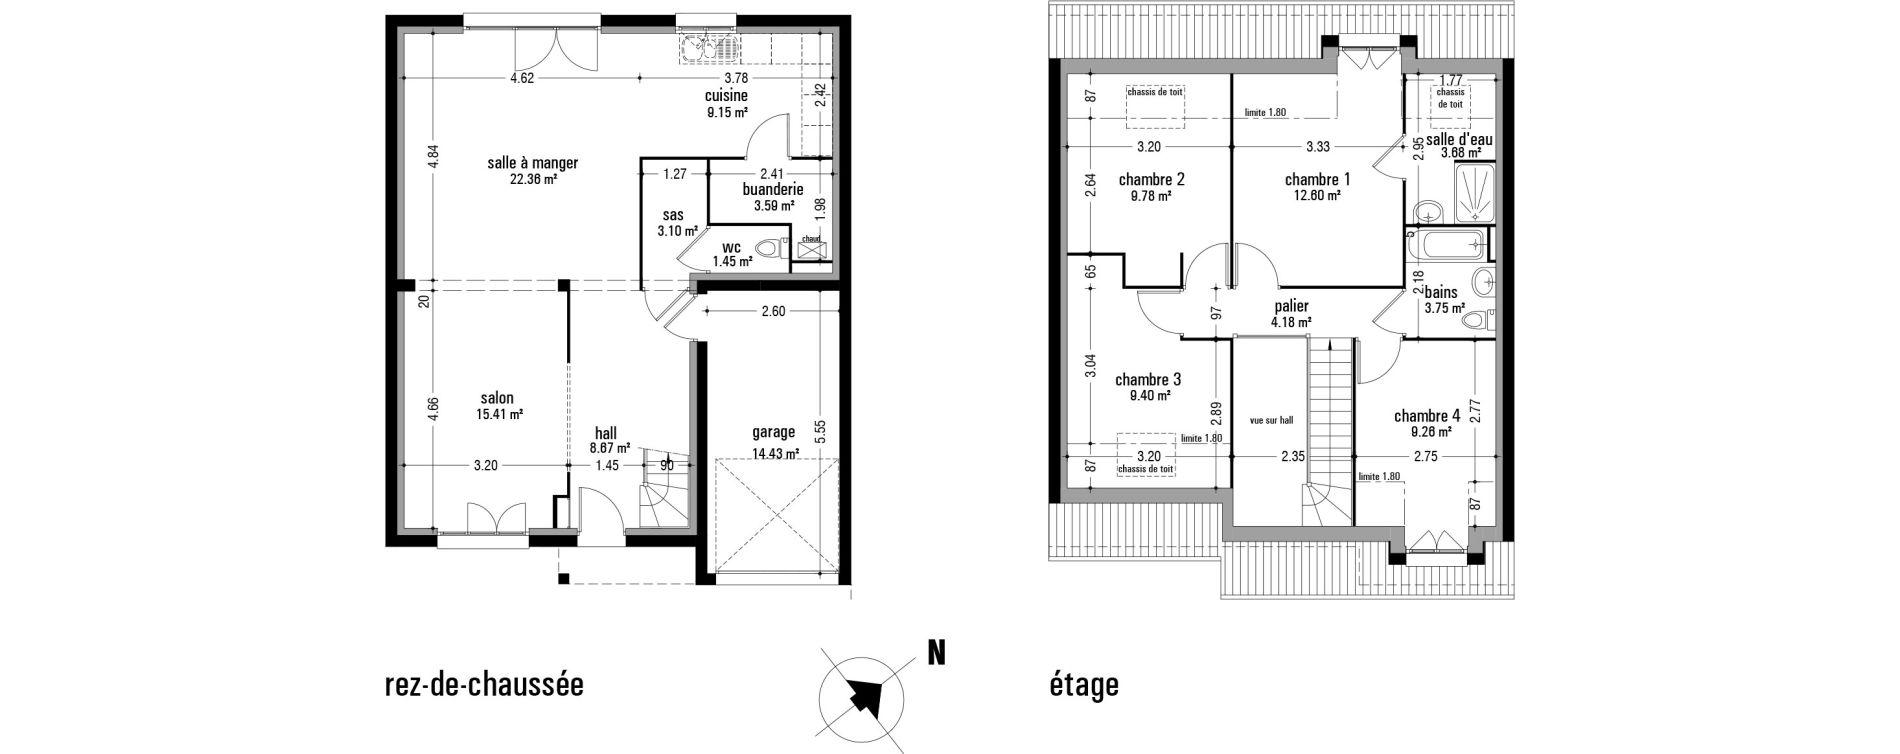 Maison T5 de 116,38 m2 à Anzin-Saint-Aubin Anzin st aubin